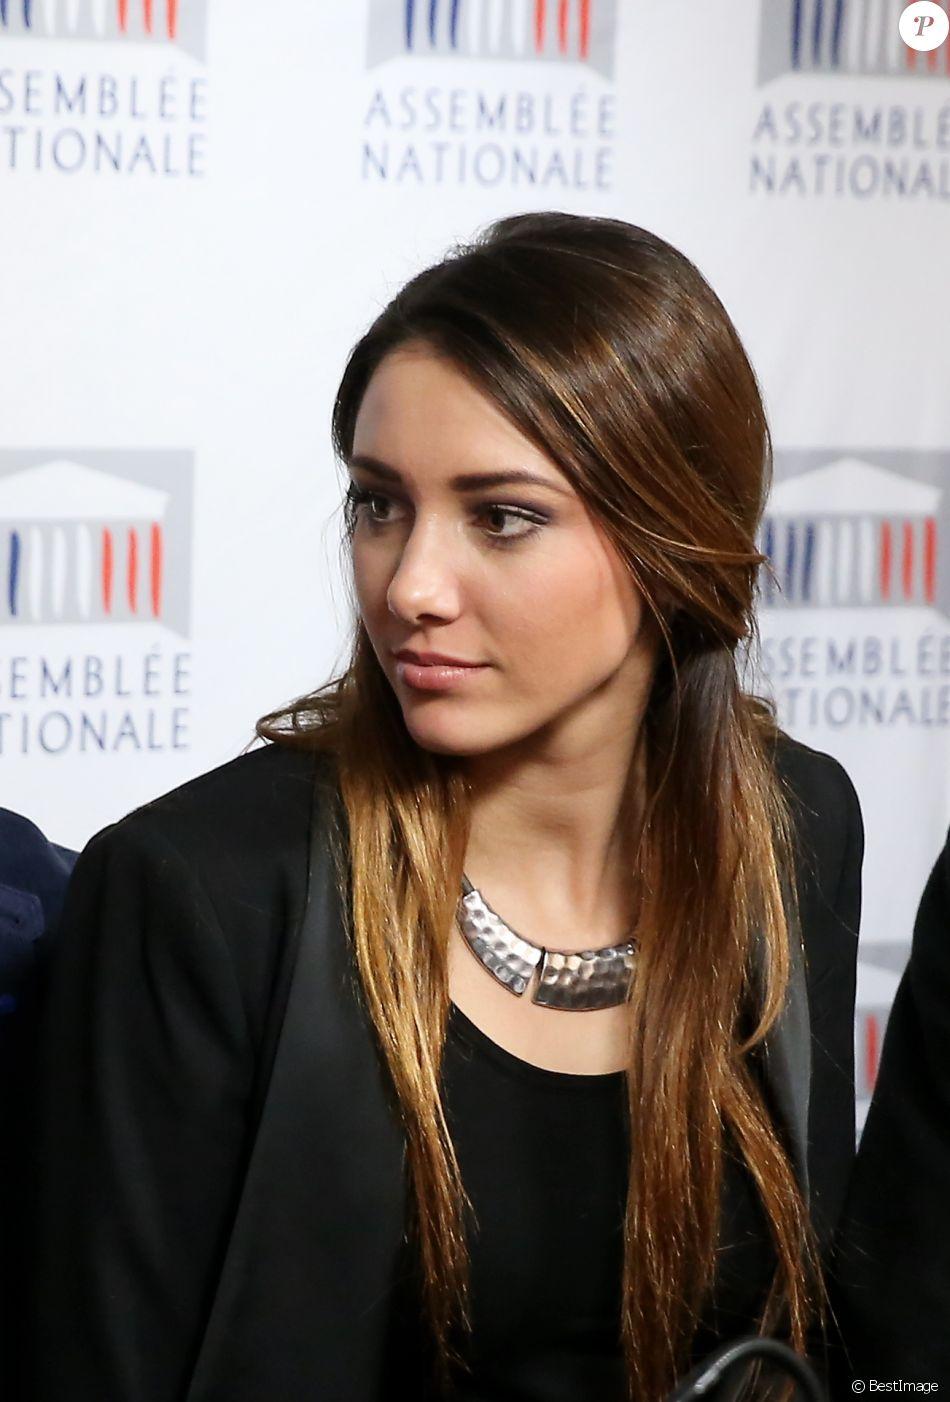 Brianna Addolorato photos